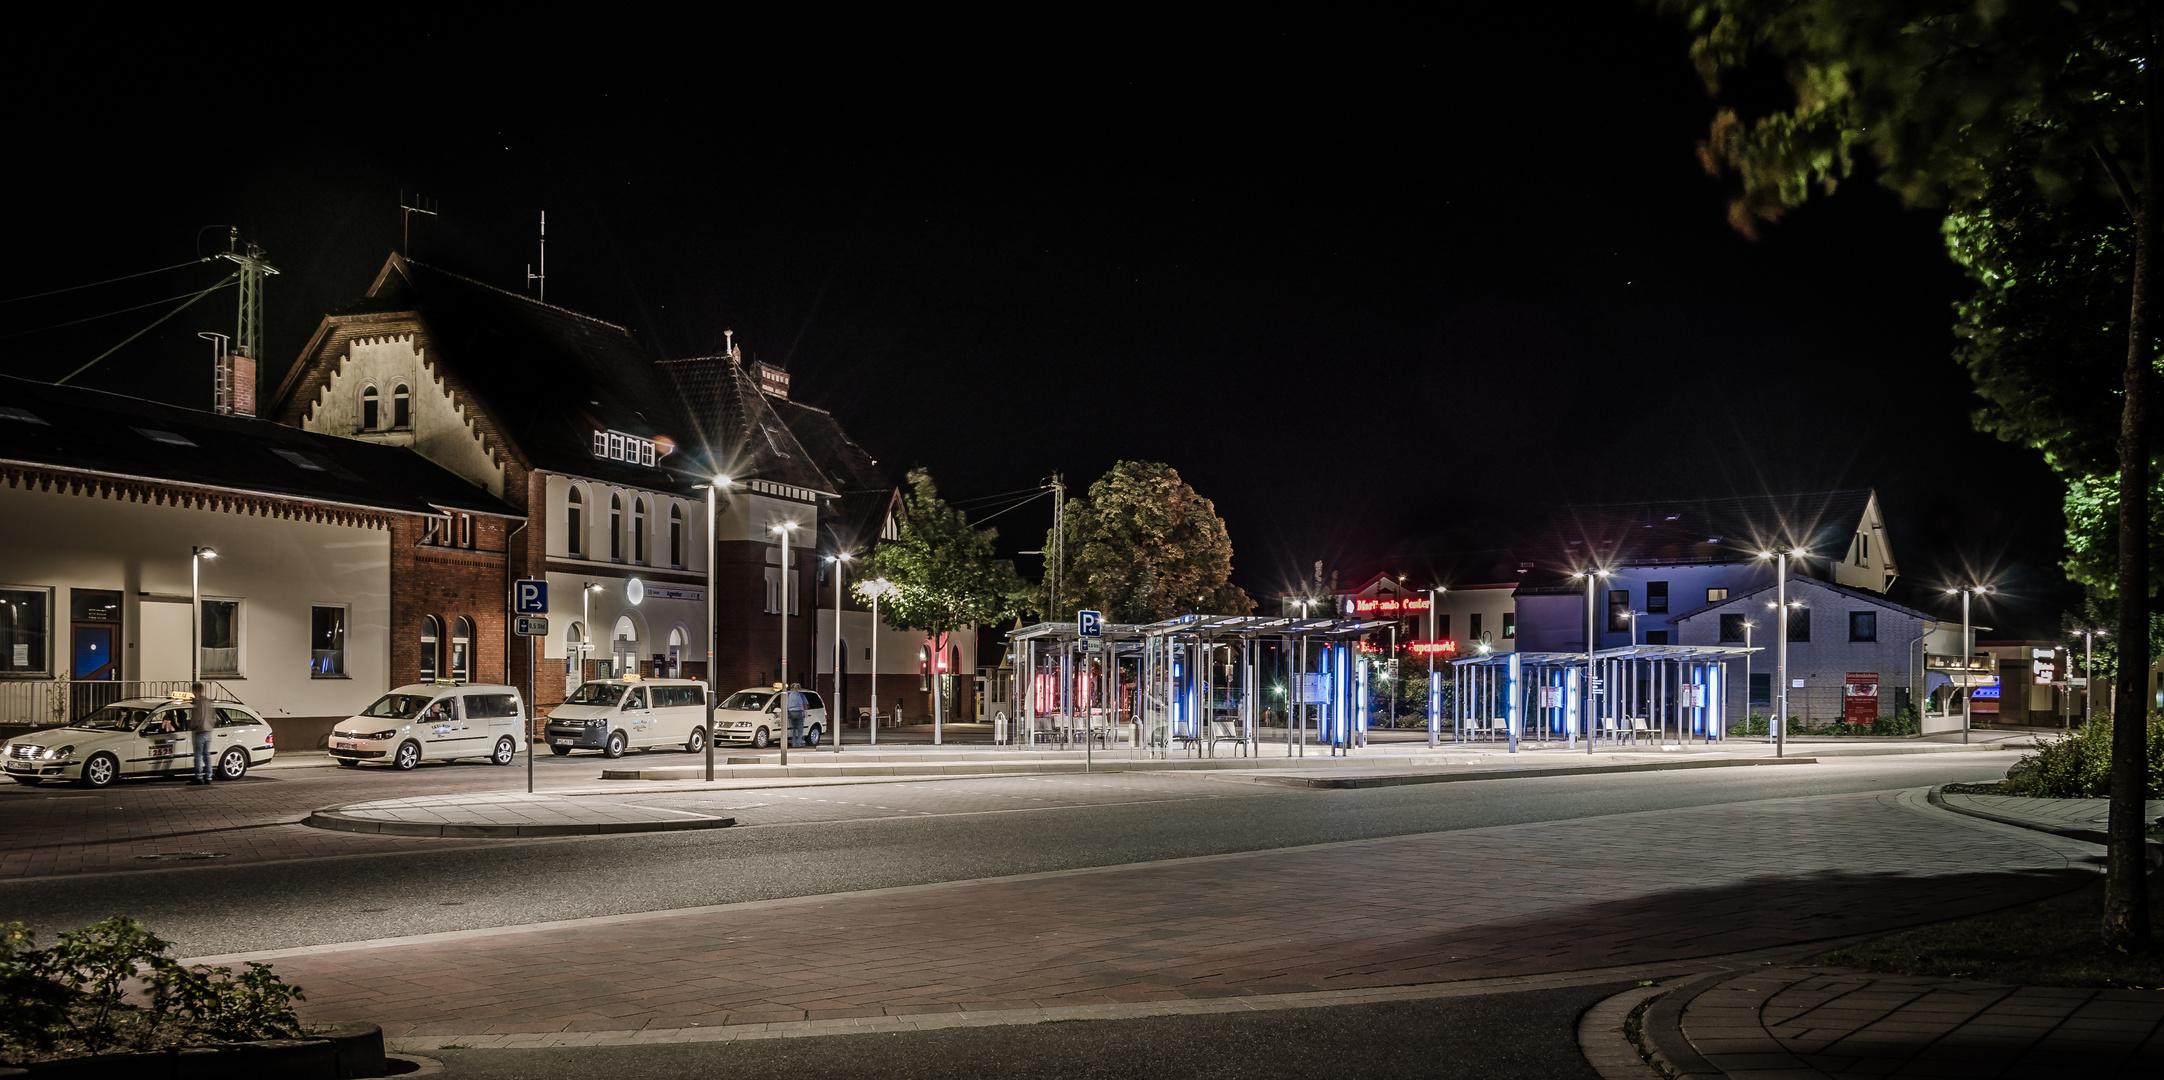 Bahnhof am späten Abend